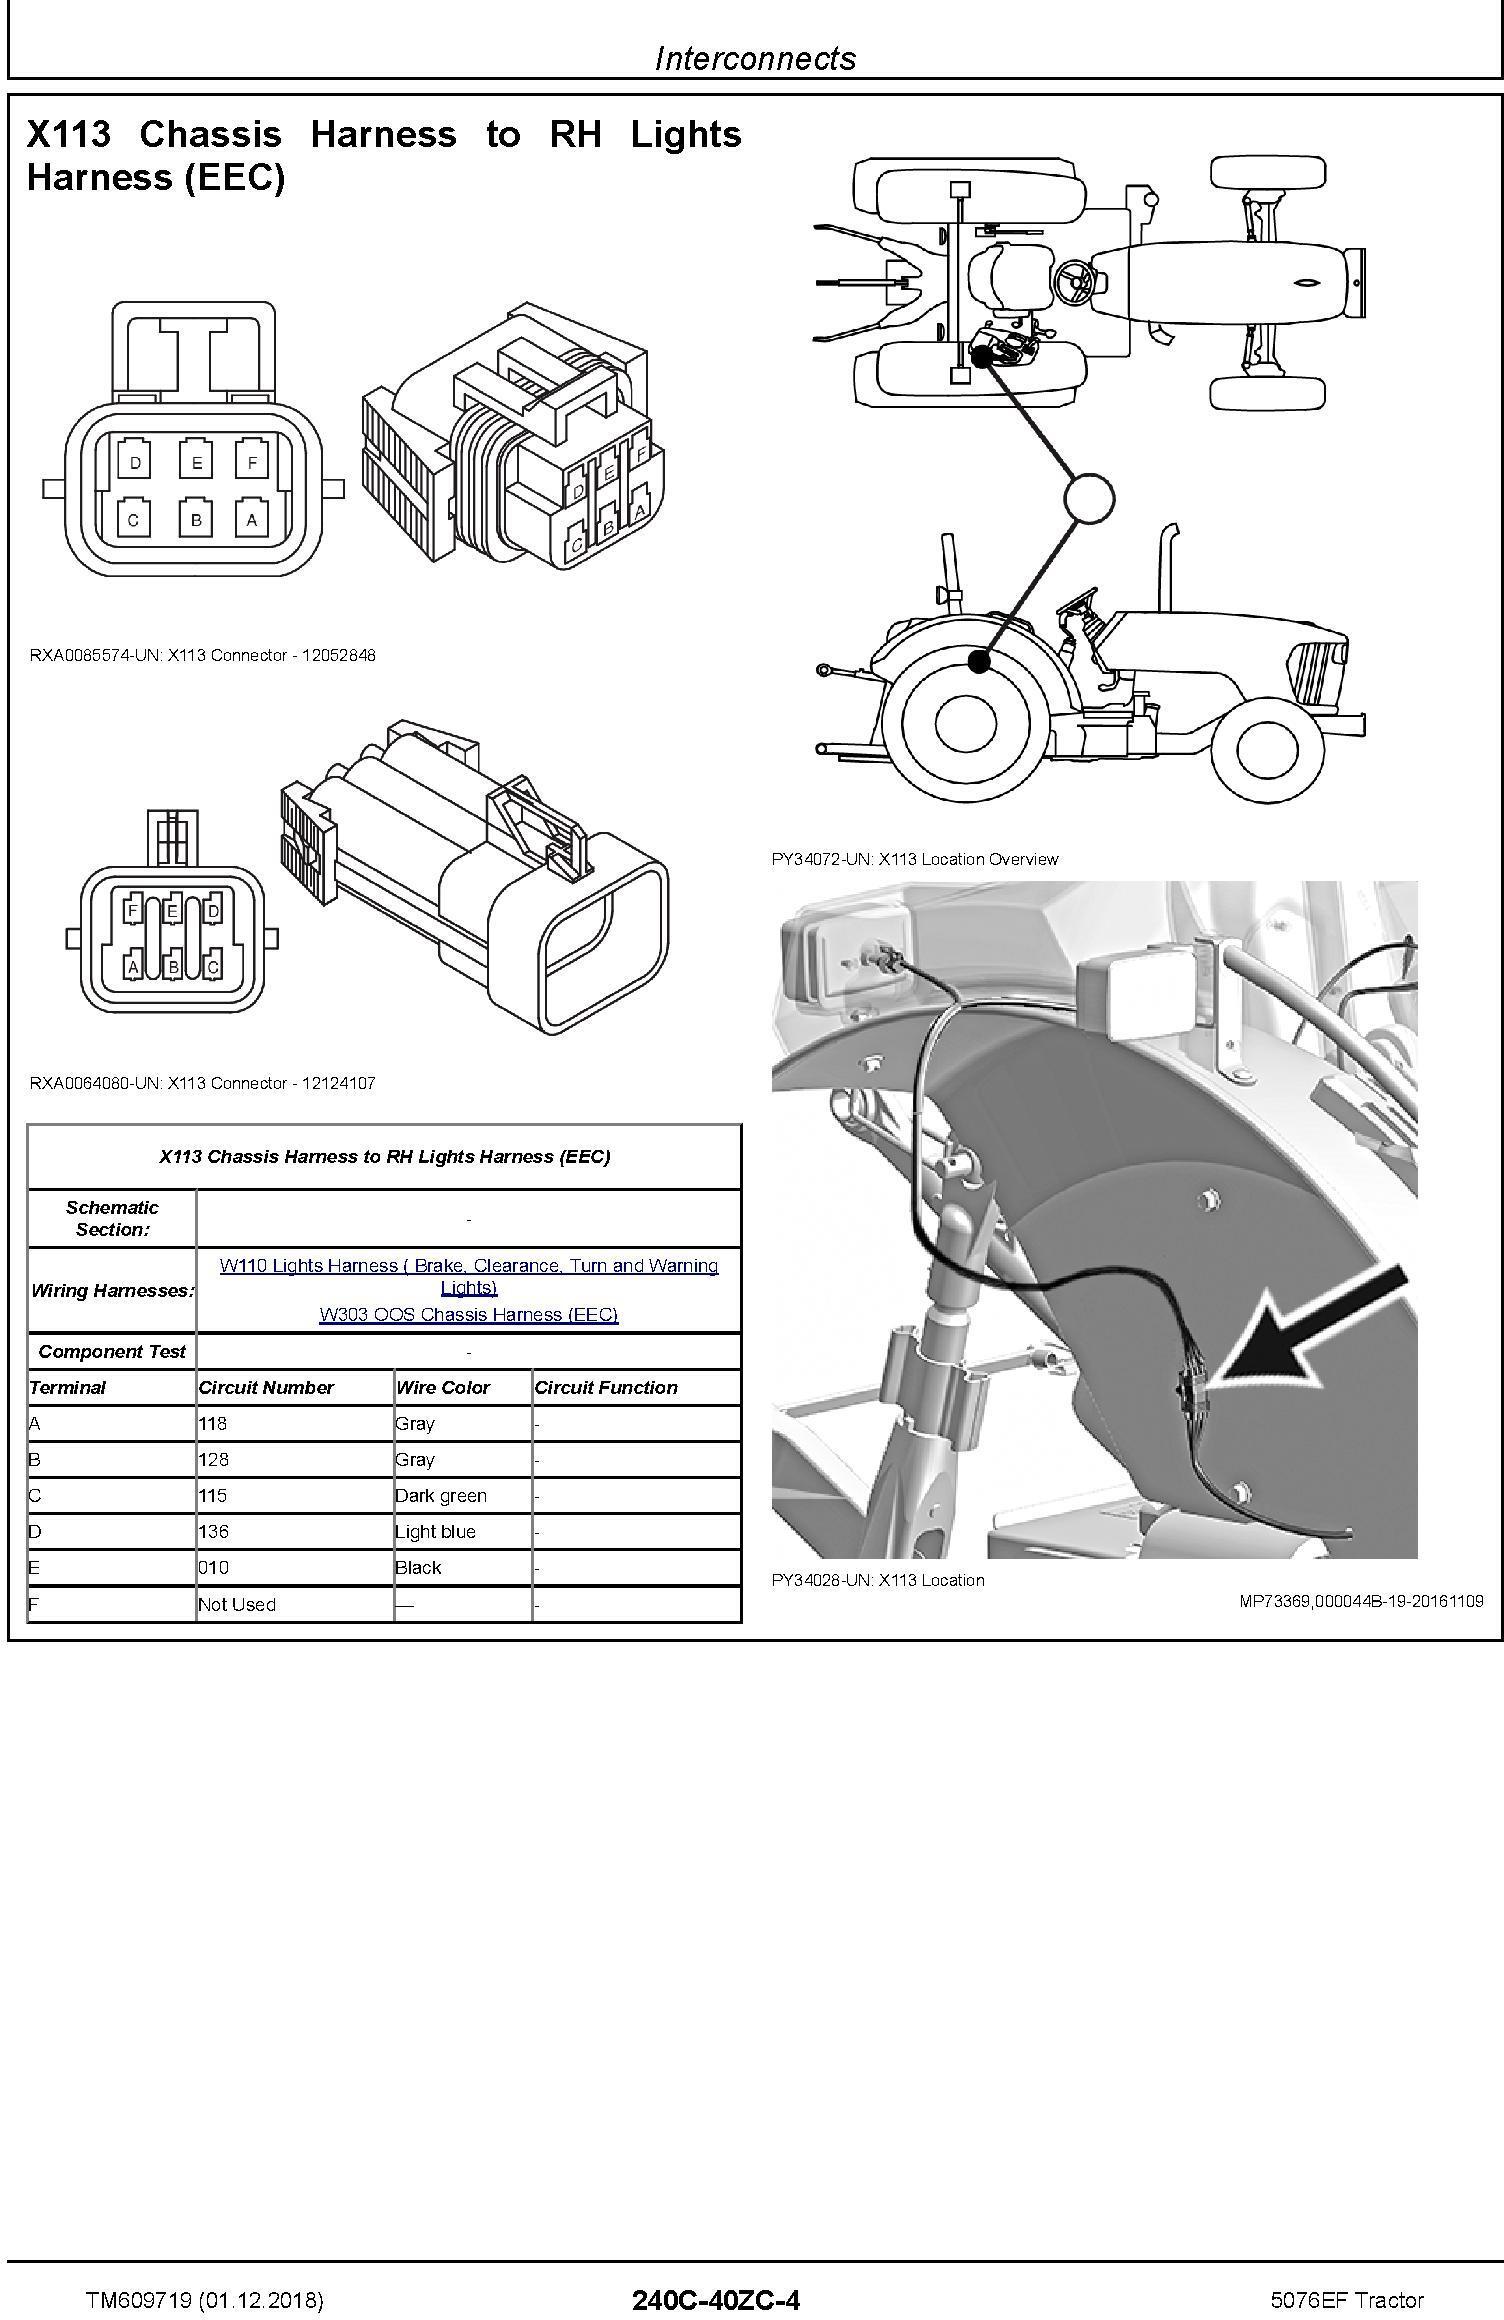 John Deere 5076EF Tractor Diagnostic Technical Service Manual (TM609719) - 2